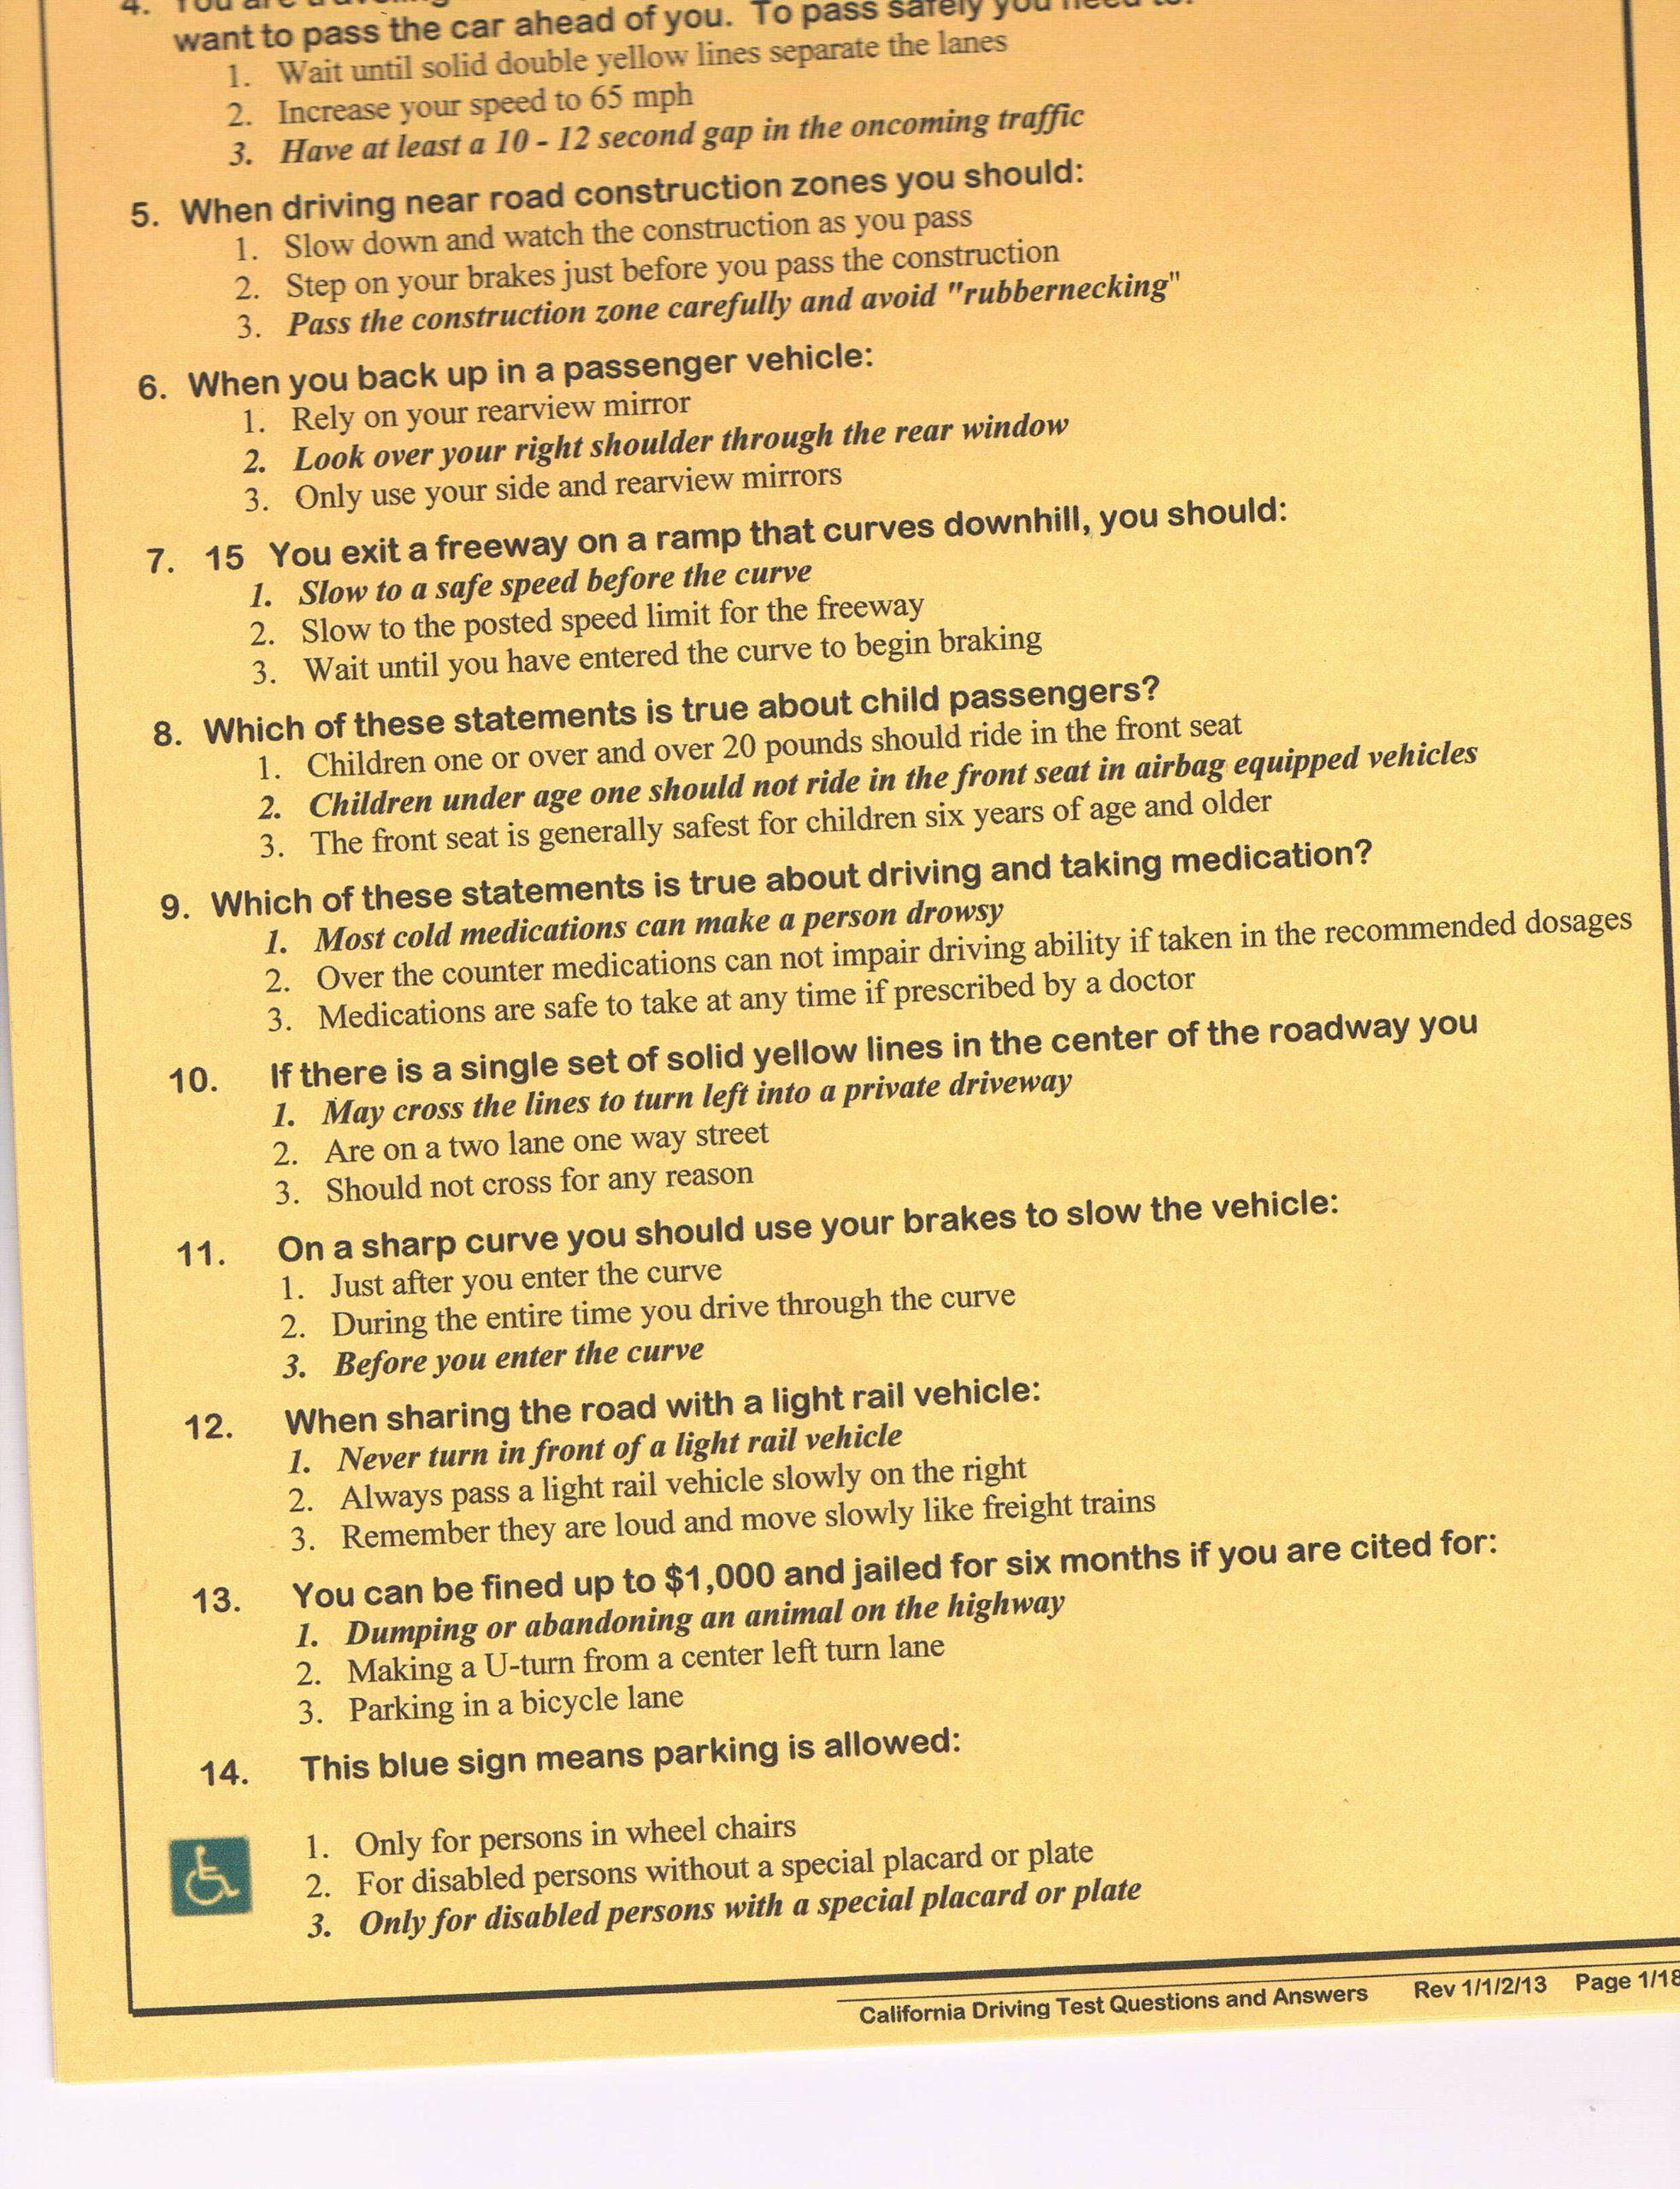 California dmv driving written test drivers test pinterest california dmv driving written test fandeluxe Gallery